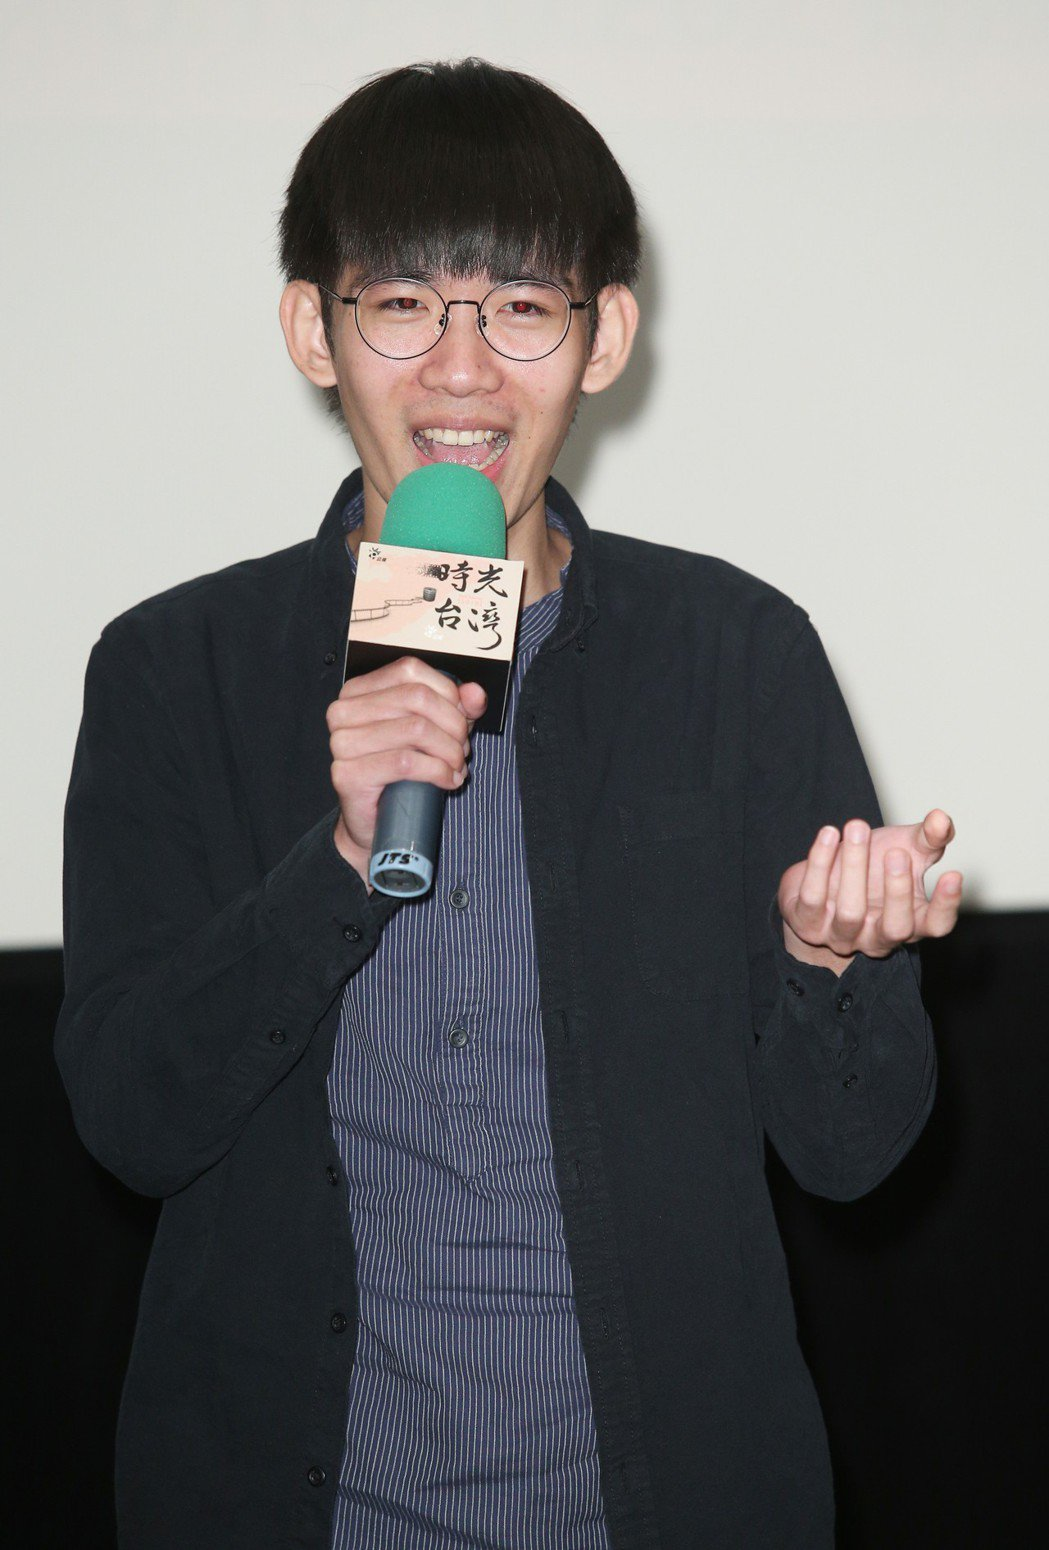 「時光台灣」紀錄短片首映會,導演吳端盛出席。記者陳正興/攝影